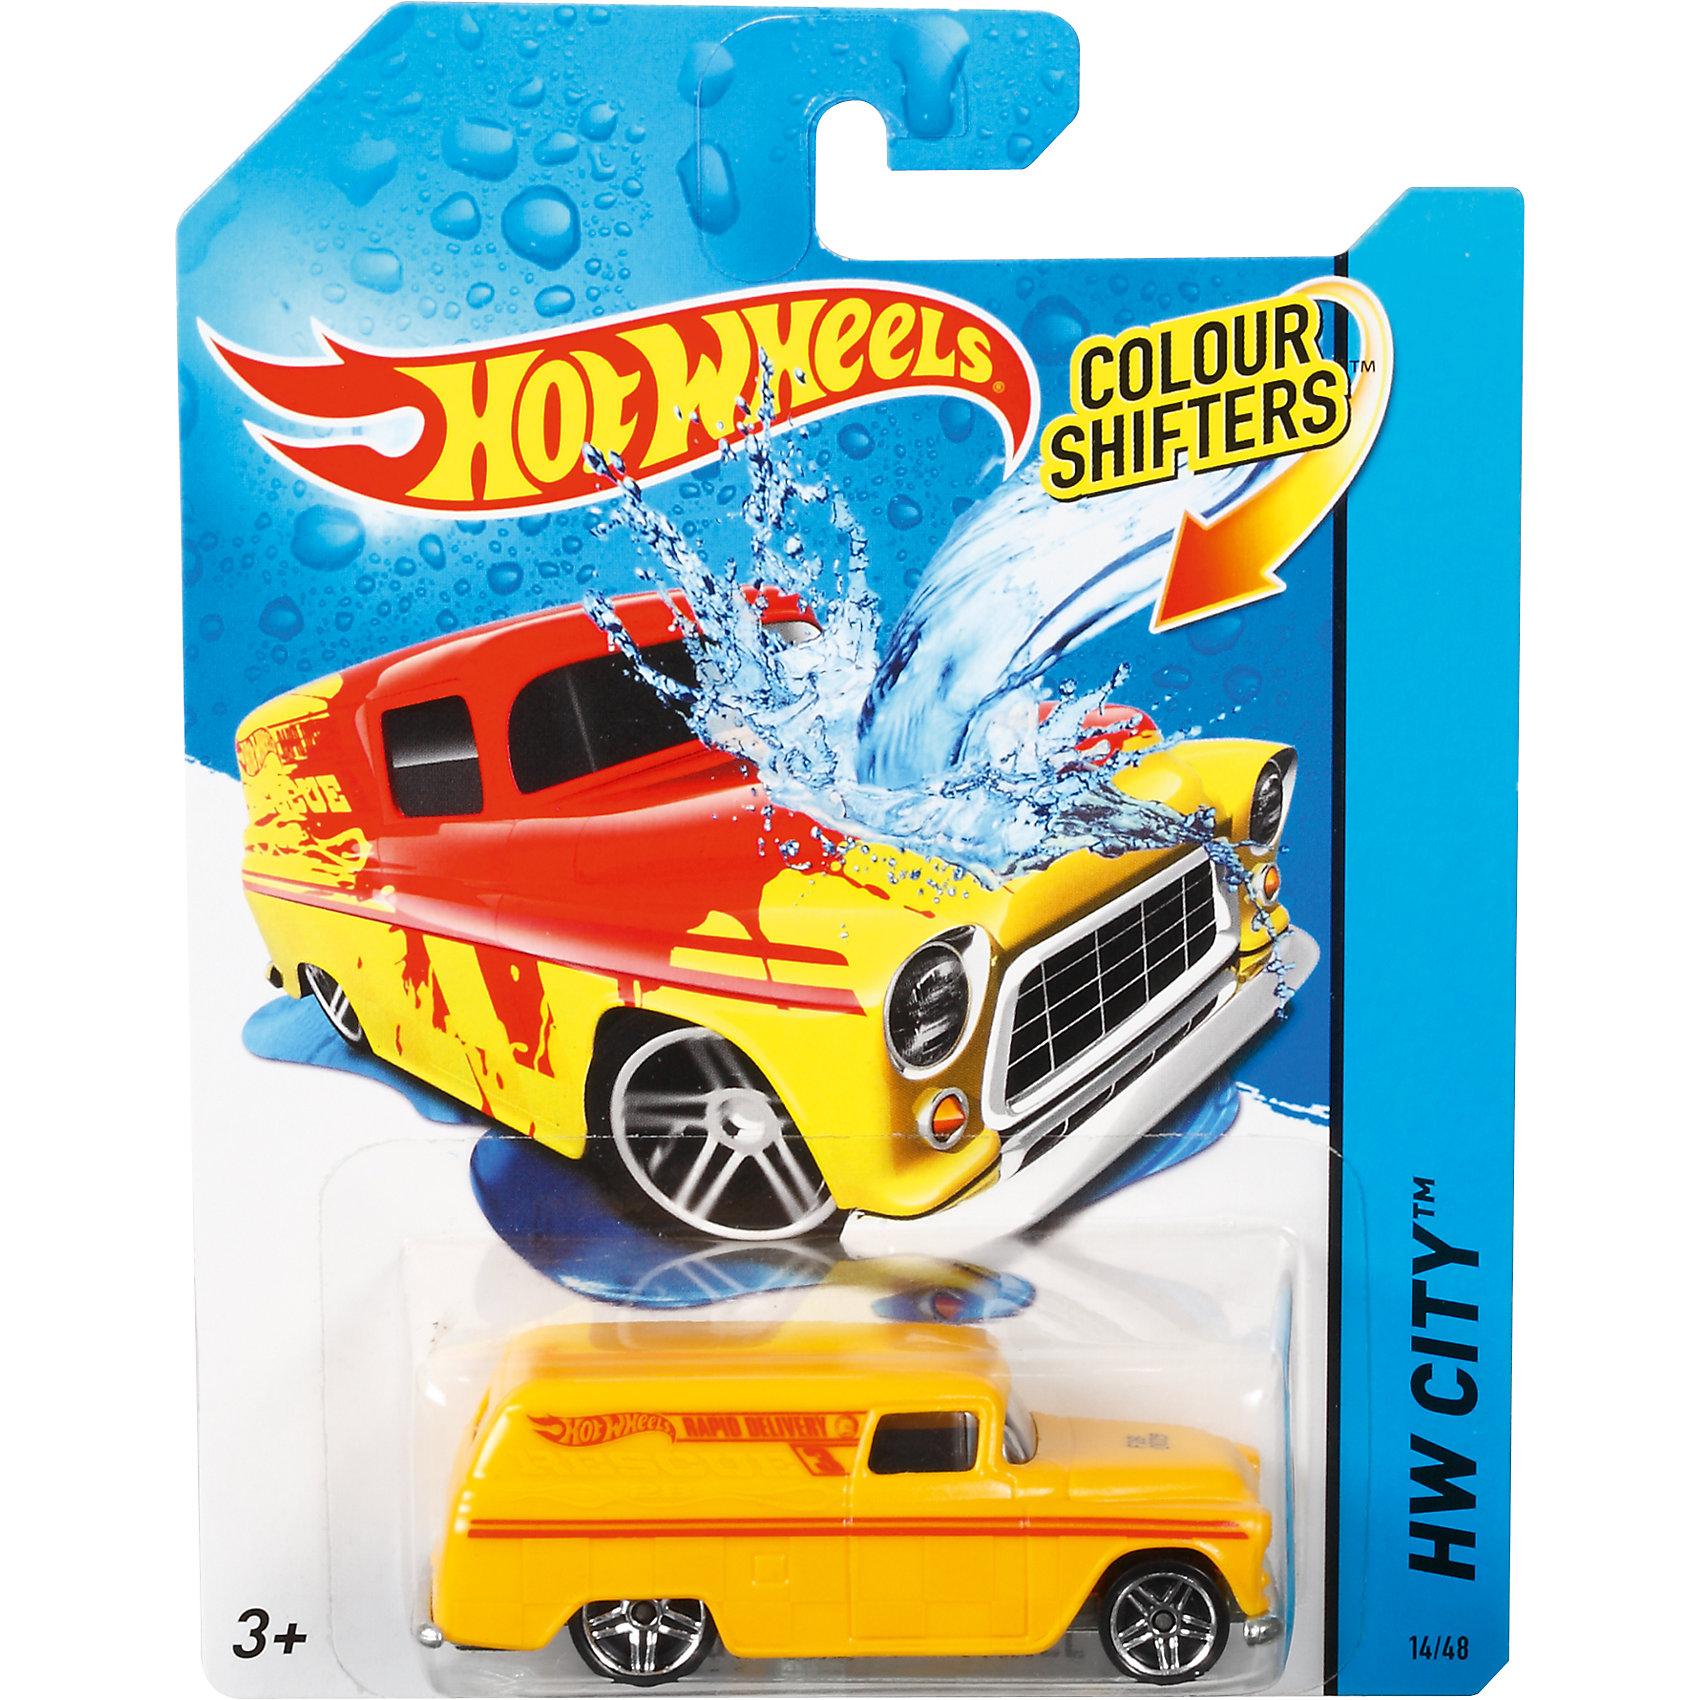 Меняющая цвет машинка COLOR SHIFTERS, Hot WheelsПопулярные игрушки<br>Характеристики:<br><br>• Вид игр: сюжетно-ролевые<br>• Предназначение: для дома, для игр с водой<br>• Серия: Color Shifters<br>• Пол: для мальчиков<br>• Материал: пластик, металл<br>• Цвет: желтый, красный, серебристый, черный<br>• Размеры упаковки (Д*Ш*В): 12*11*3 см<br>• Вес:  120 г <br>• В зависимости от температуры воды меняет цвет<br>• Особенности ухода: разрешается мыть водой<br>• Упаковка: картонная упаковка с блистером<br><br>Меняющая цвет машинка COLOR SHIFTERS, Hot Wheels – это машинки, предназначенные для популярных игровых наборов Hot Wheels от Mattel. Особенностью этой серии является то, что машинки могут изменять цвет в зависимости от температуры воды: теплая вода окрашивает машинку в более яркий цвет, холодная – возвращает первоначальный вид. Регулируя температурный режим воды, можно создавать авторский дизайн корпуса машинки. <br>Меняющая цвет машинка COLOR SHIFTERS, Hot Wheels изготовлена из безопасного и ударопрочного пластика; корпус игрушки литой, колеса вращаются. Машинка подходит для всех типов наборов серии Hot Wheels. С машинкой, меняющей цвет, гонки станут еще более увлекательными!<br><br>Меняющую цвет машинку COLOR SHIFTERS, Hot Wheels, можно купить в нашем магазине.<br><br>Ширина мм: 166<br>Глубина мм: 126<br>Высота мм: 32<br>Вес г: 47<br>Возраст от месяцев: 36<br>Возраст до месяцев: 84<br>Пол: Мужской<br>Возраст: Детский<br>SKU: 5224245